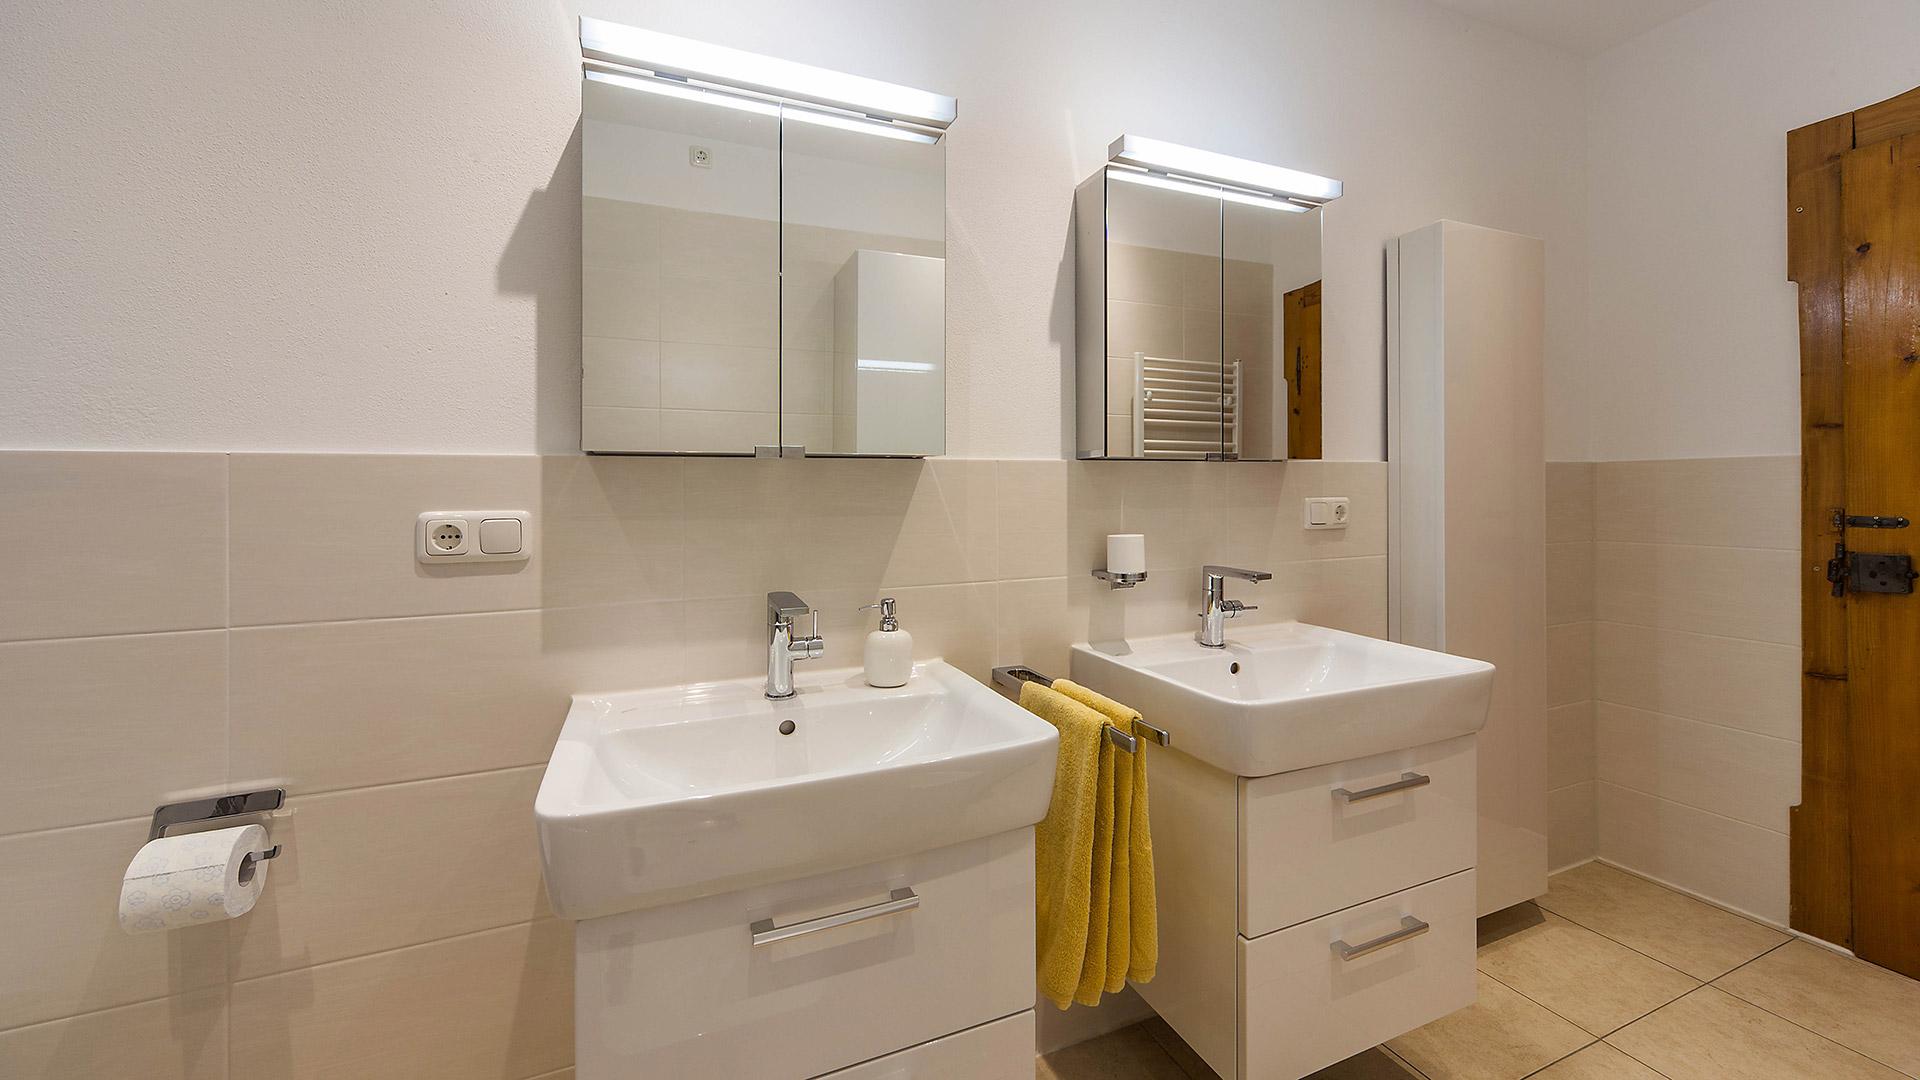 Badezimmer stauraum with badezimmer stauraum waschbecken for Anrichte badezimmer